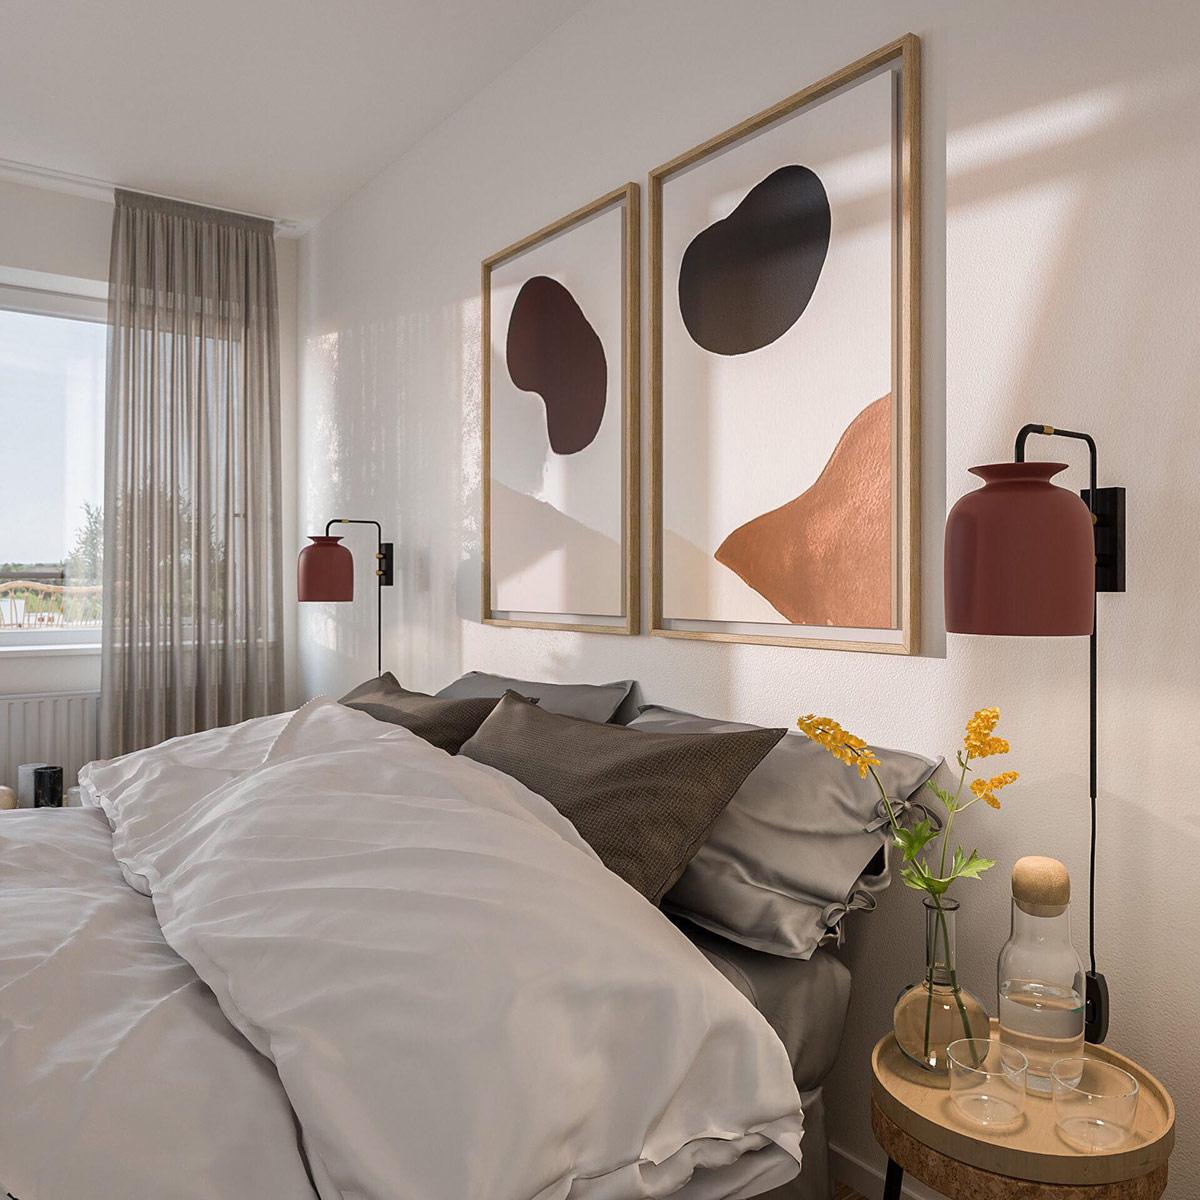 góc phòng ngủ với giường nệm màu trắng, tranh màu xanh lam và đỏ tía đầu giường